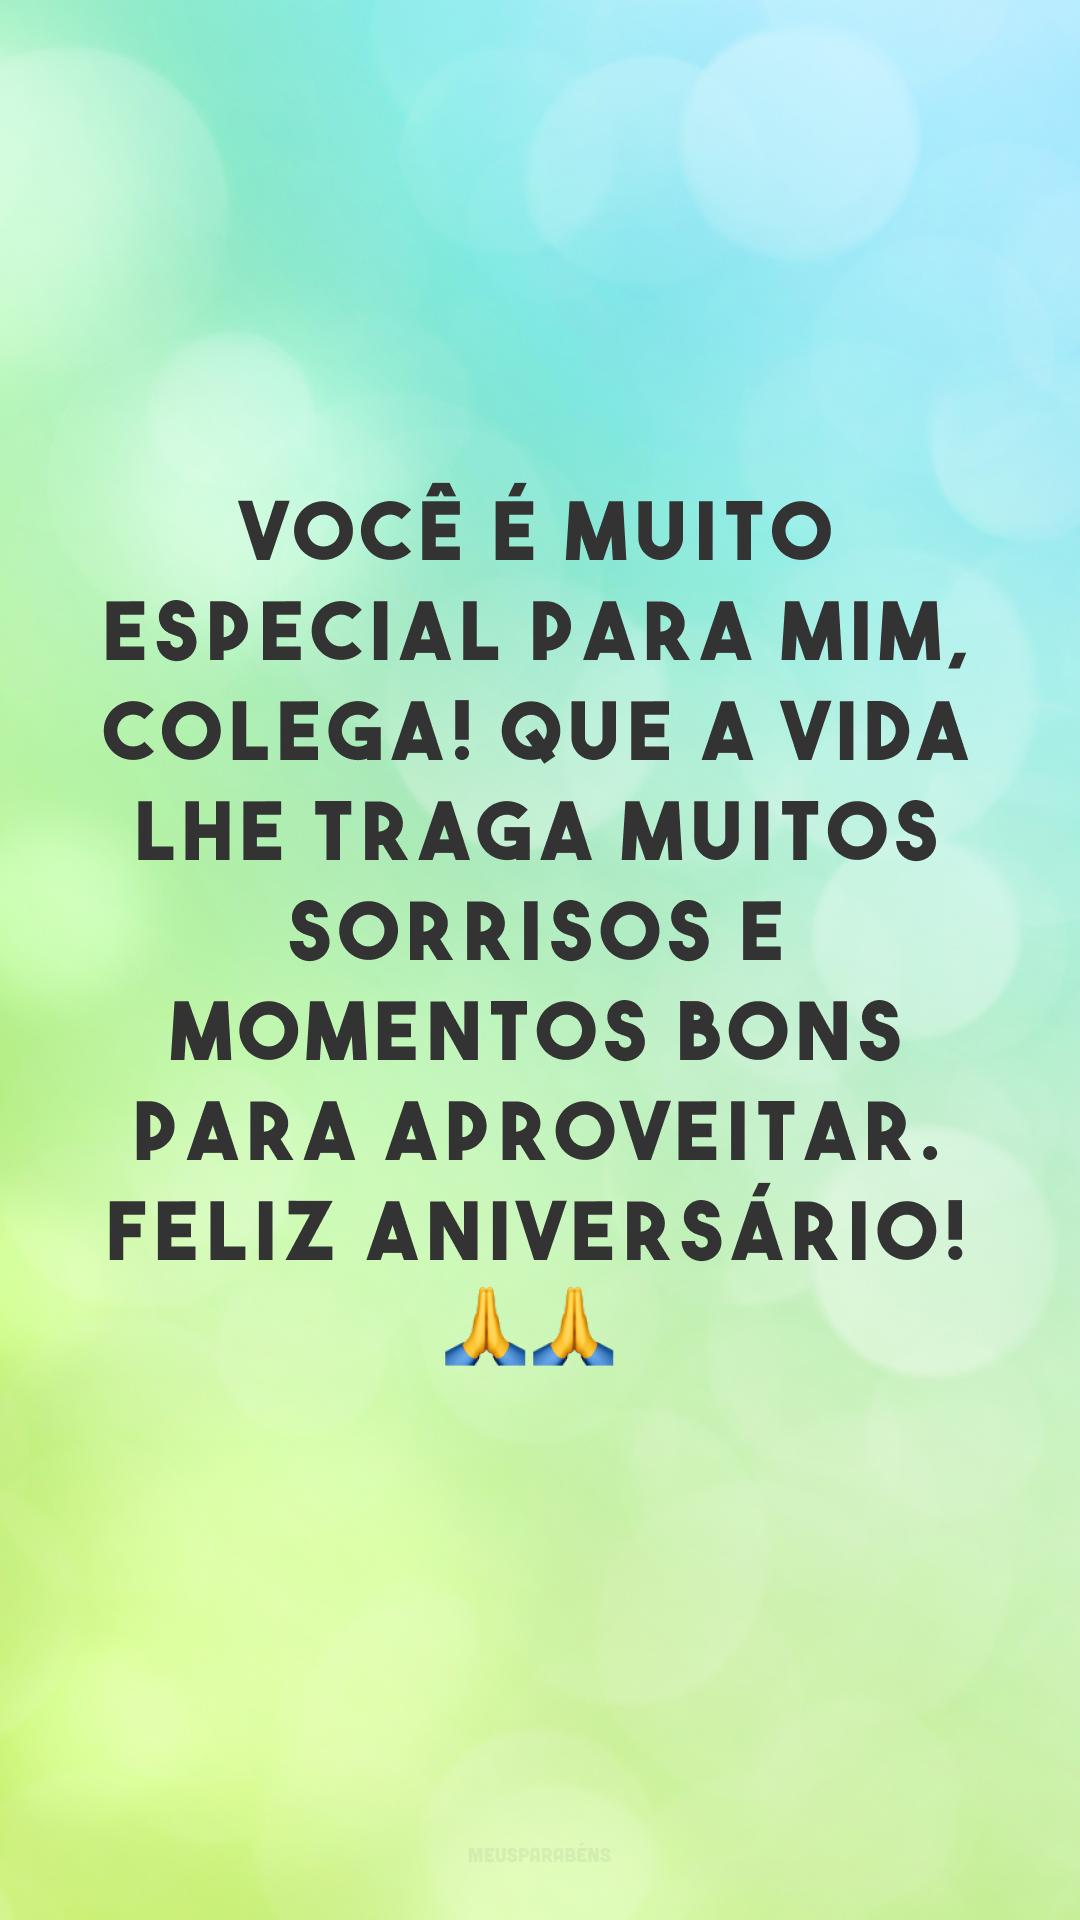 Você é muito especial para mim, colega! Que a vida lhe traga muitos sorrisos e momentos bons para aproveitar. Feliz aniversário! 🙏🙏<br /> <br />